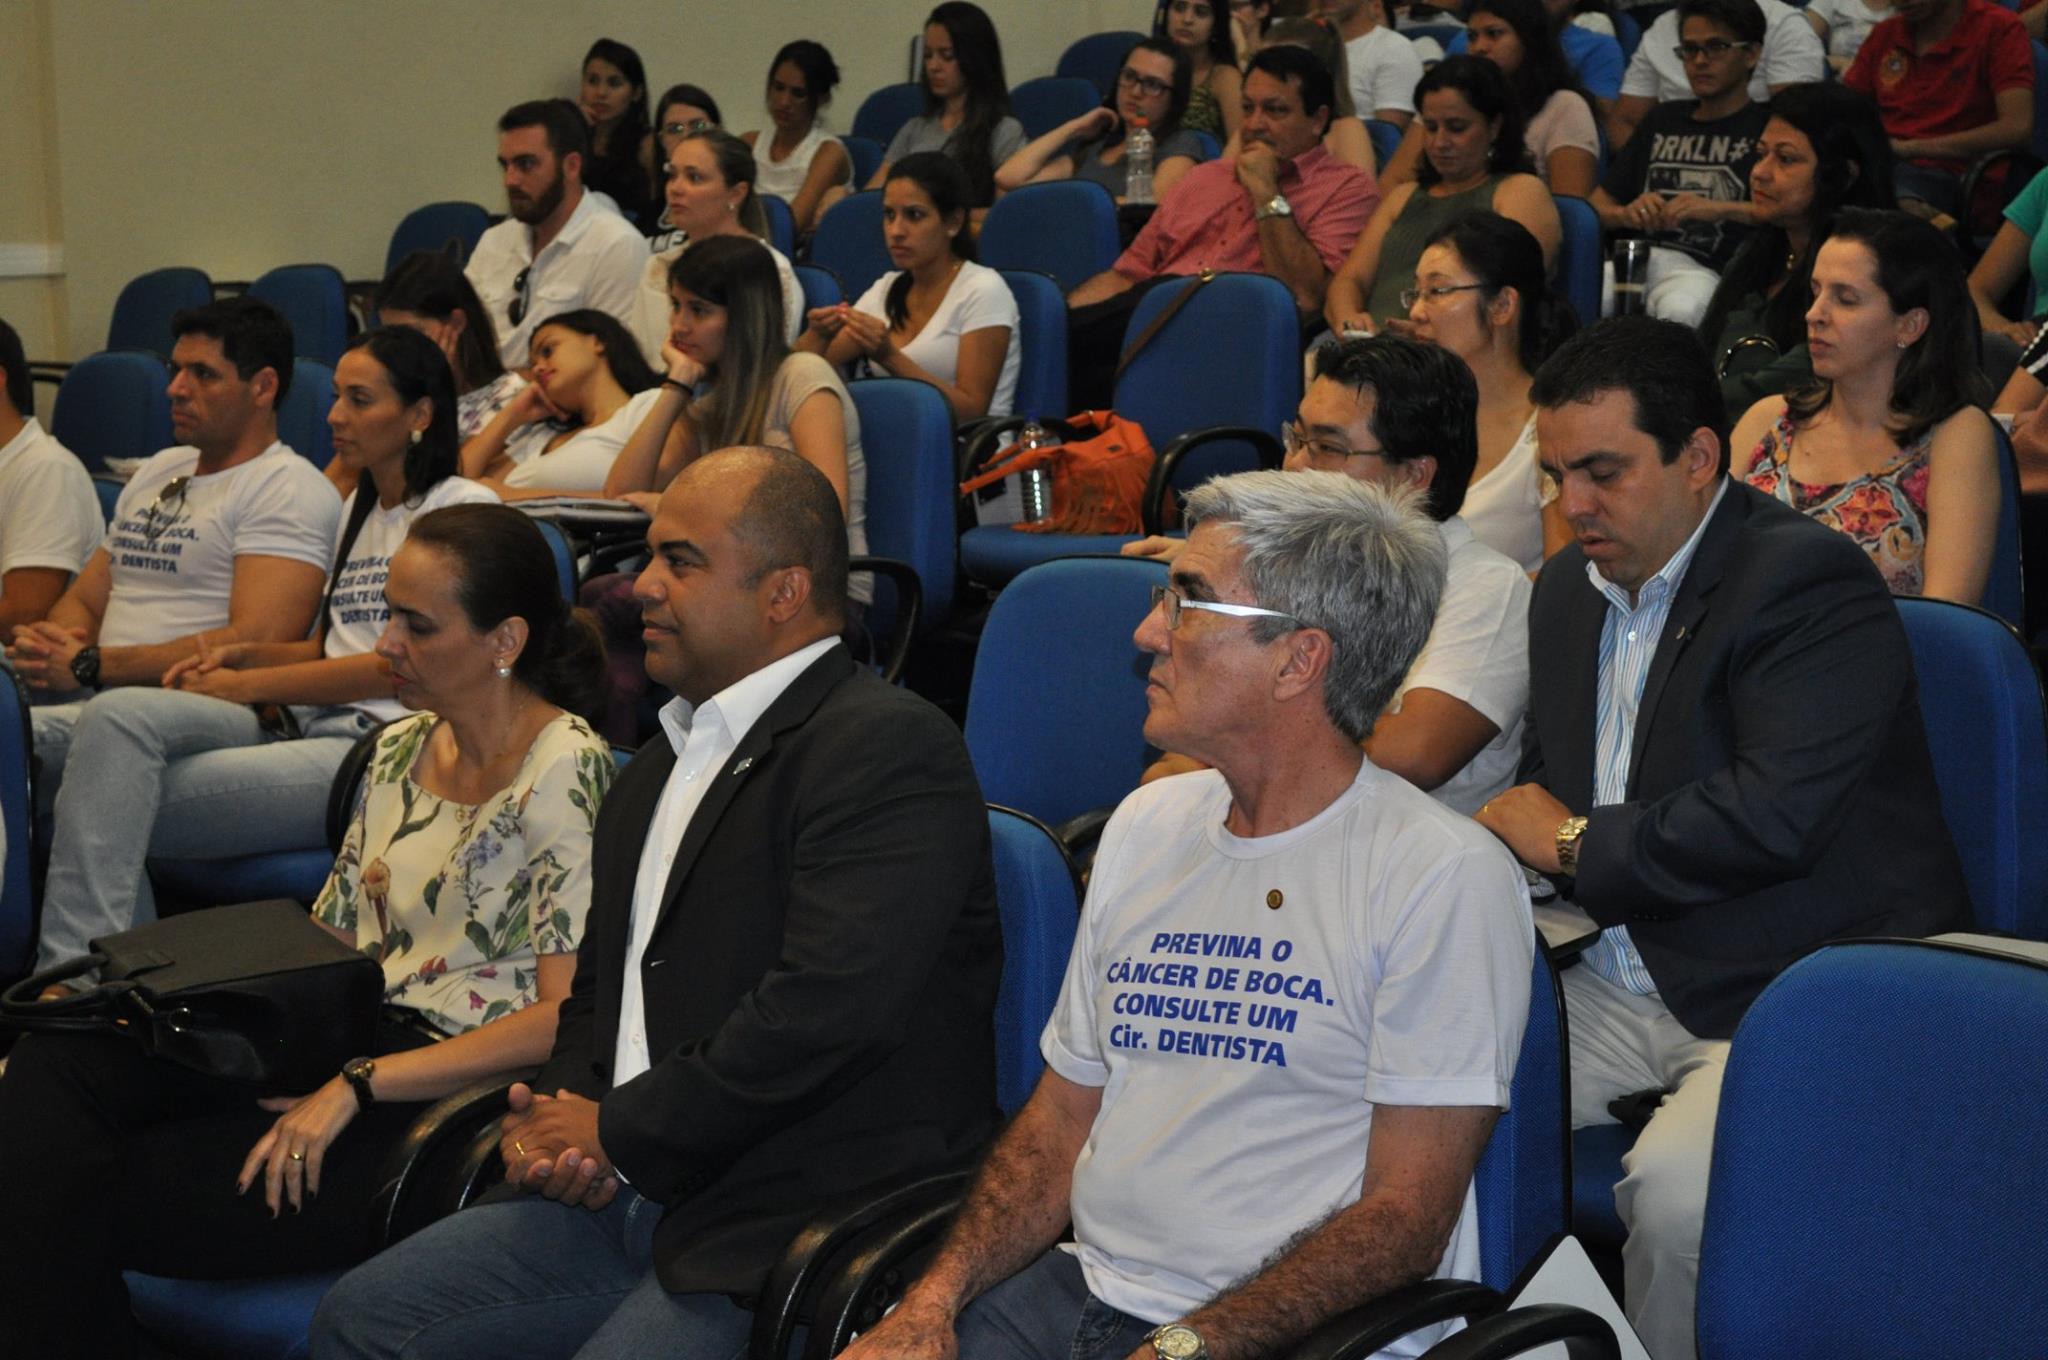 Presidente da ABO-MS marca presença na abertura da Semana de prevenção ao câncer de boca